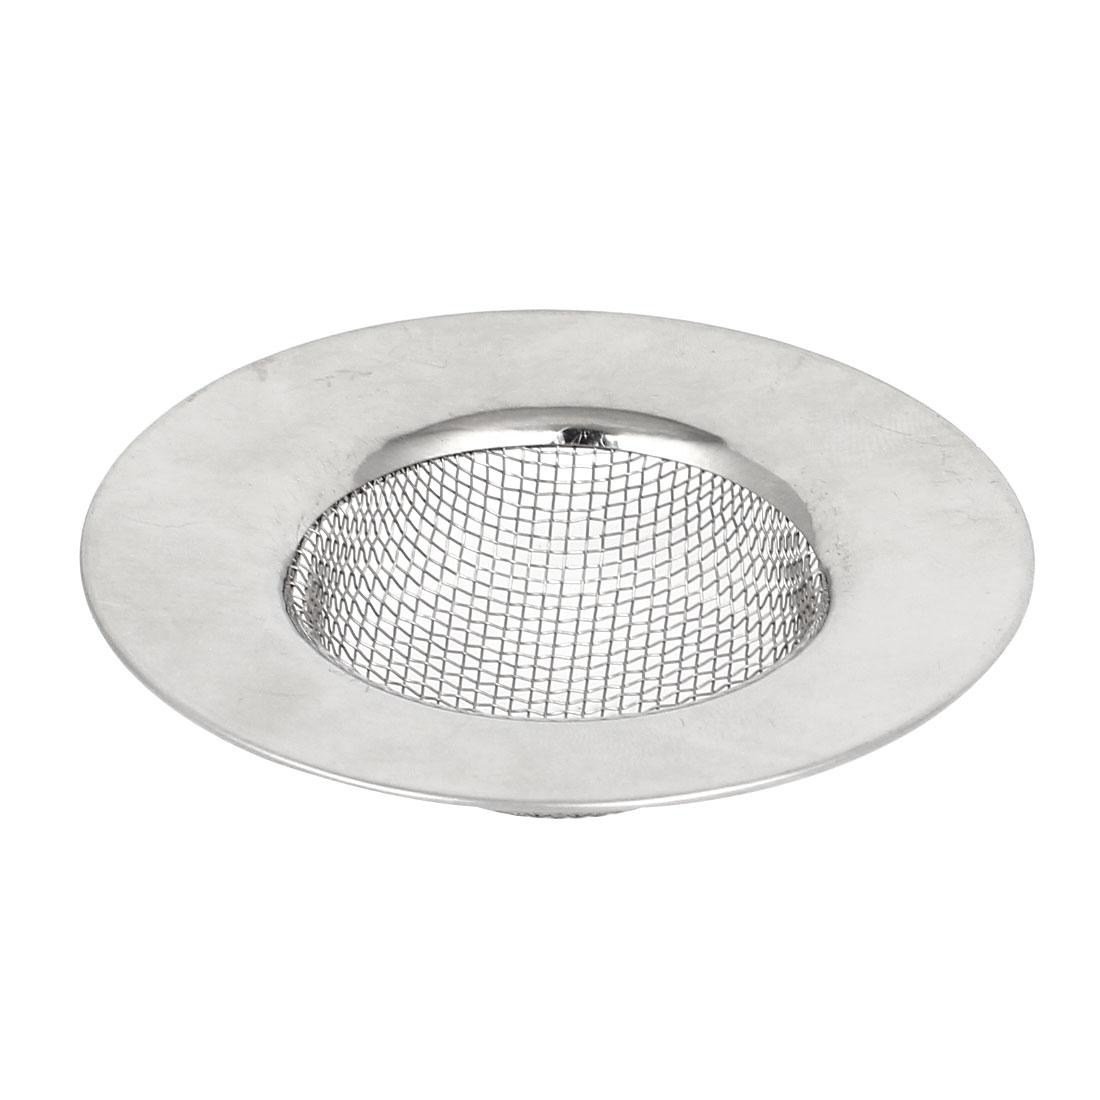 Stainless Steel Kitchen Bathroom Water Sink Strainer Basin Drainer